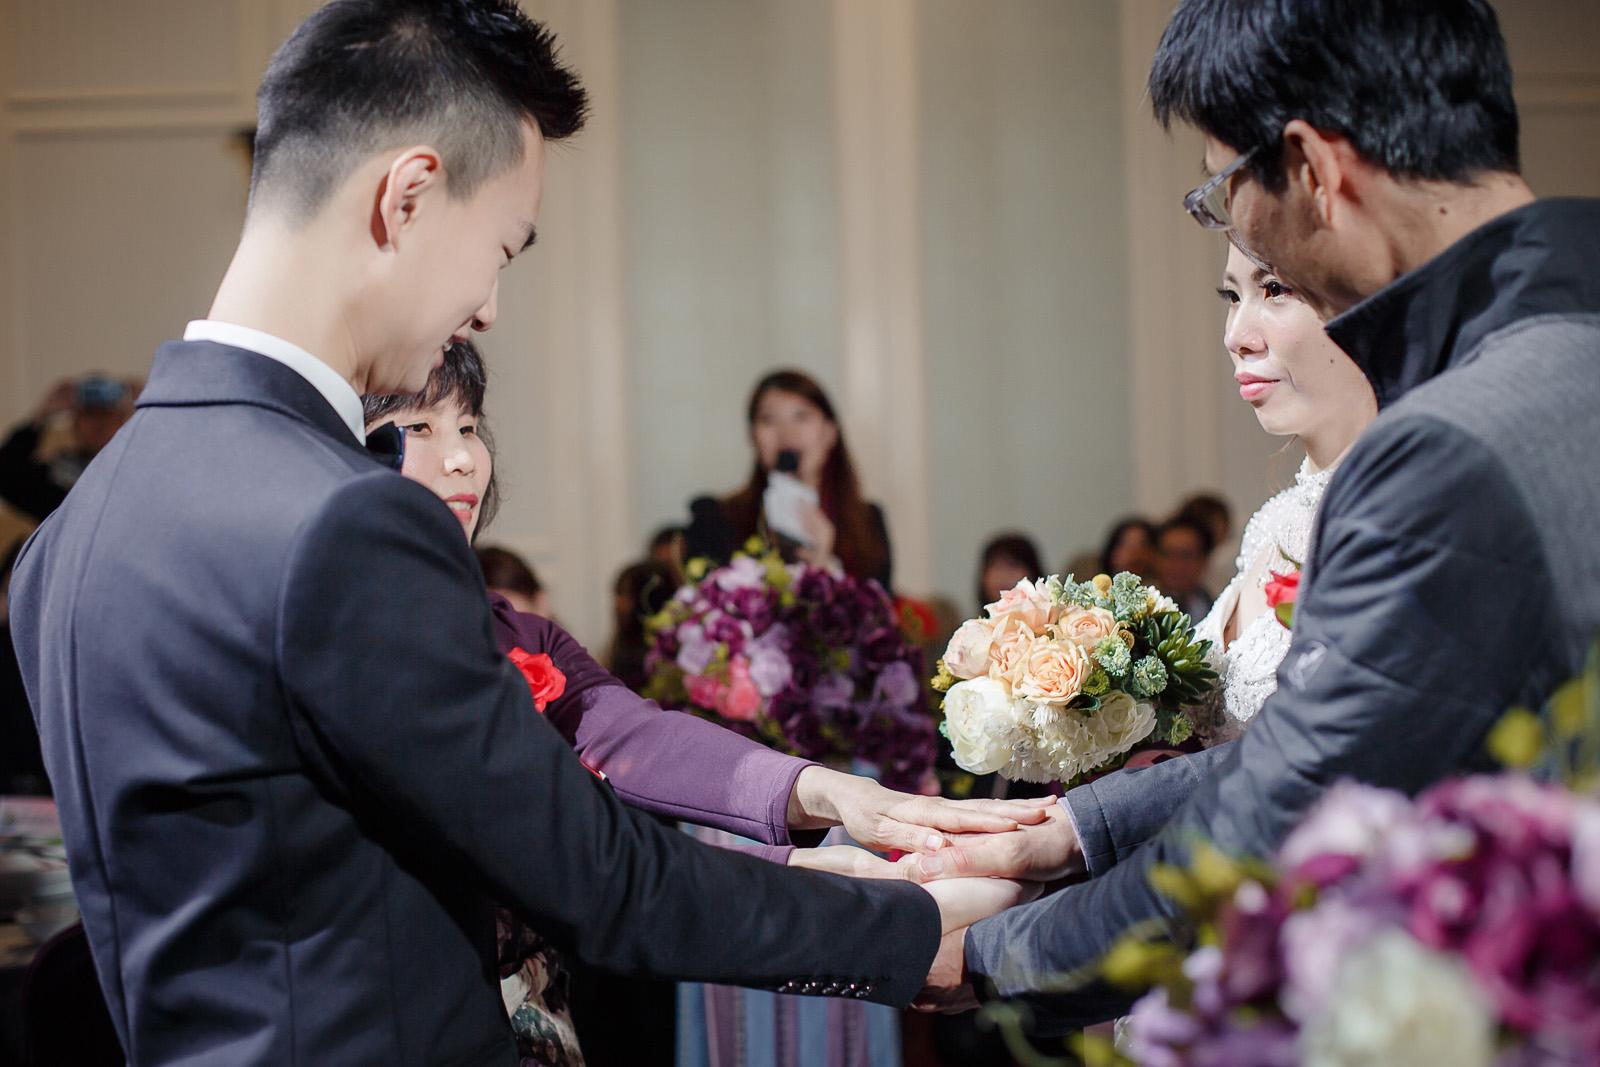 高雄圓山飯店,婚禮攝影,婚攝,高雄婚攝,優質婚攝推薦,Jen&Ethan-248